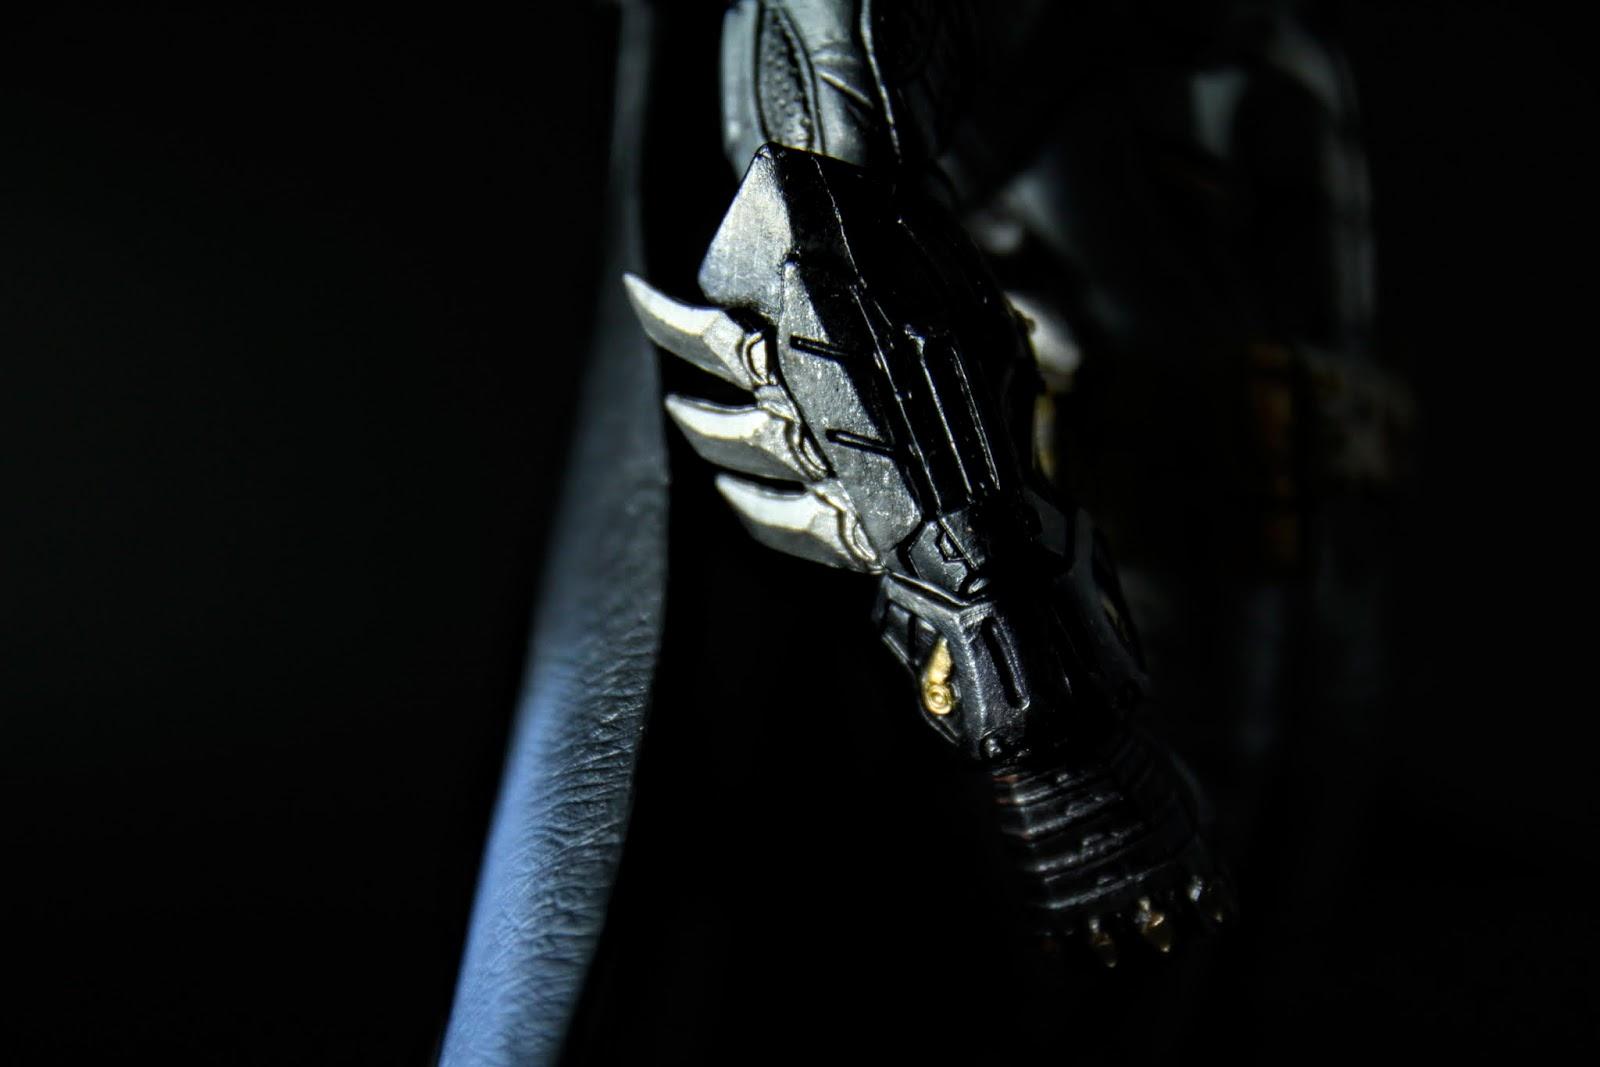 各細部刻畫得很仔細, 不過像是手臂的刀刃還是有折彎的現象